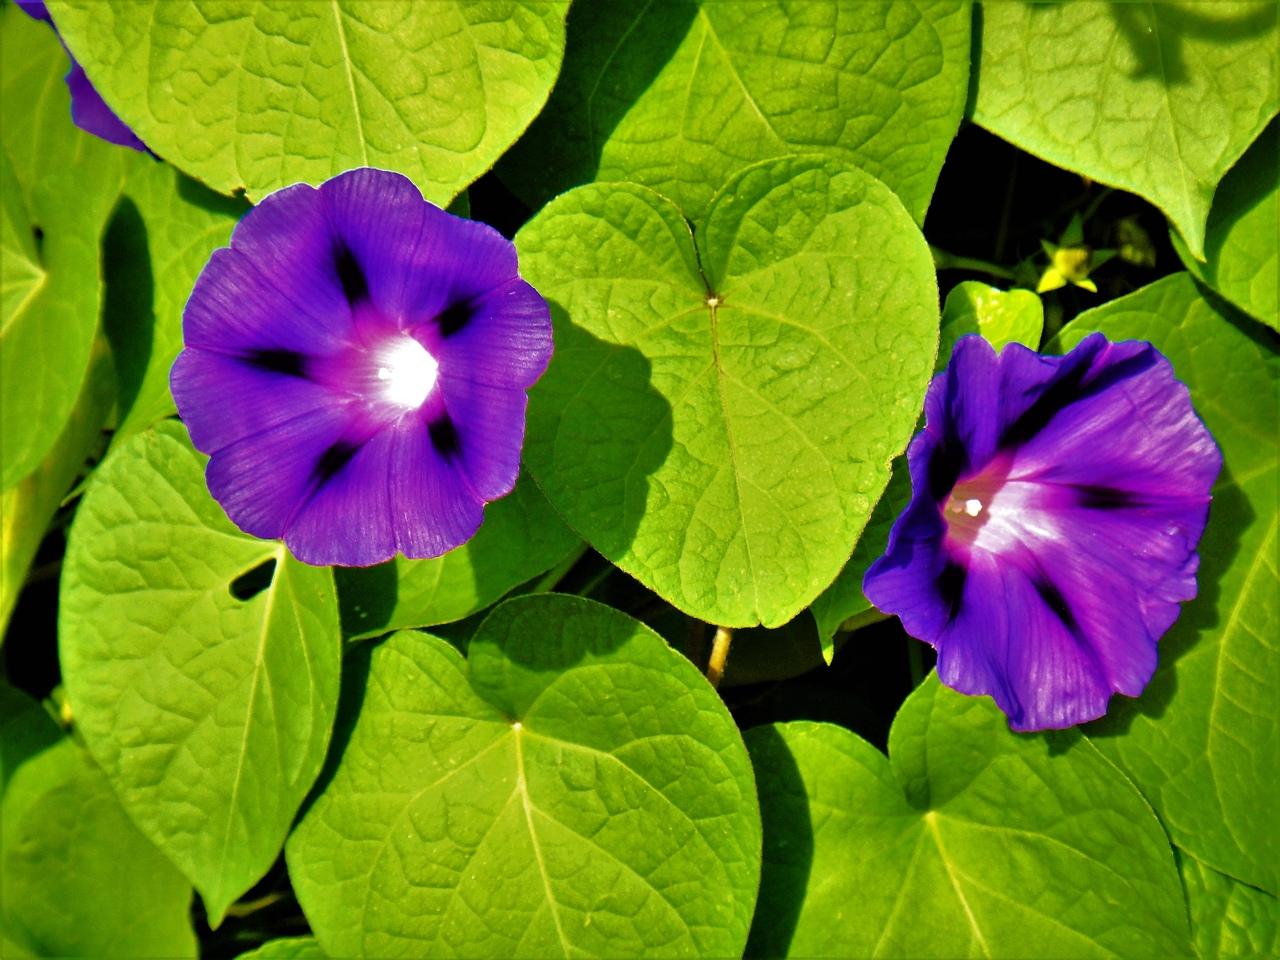 Фото для вас бесплатно / Photo is free for you, p_i_r_a_n_y_a - Фиолетовый вьюнок